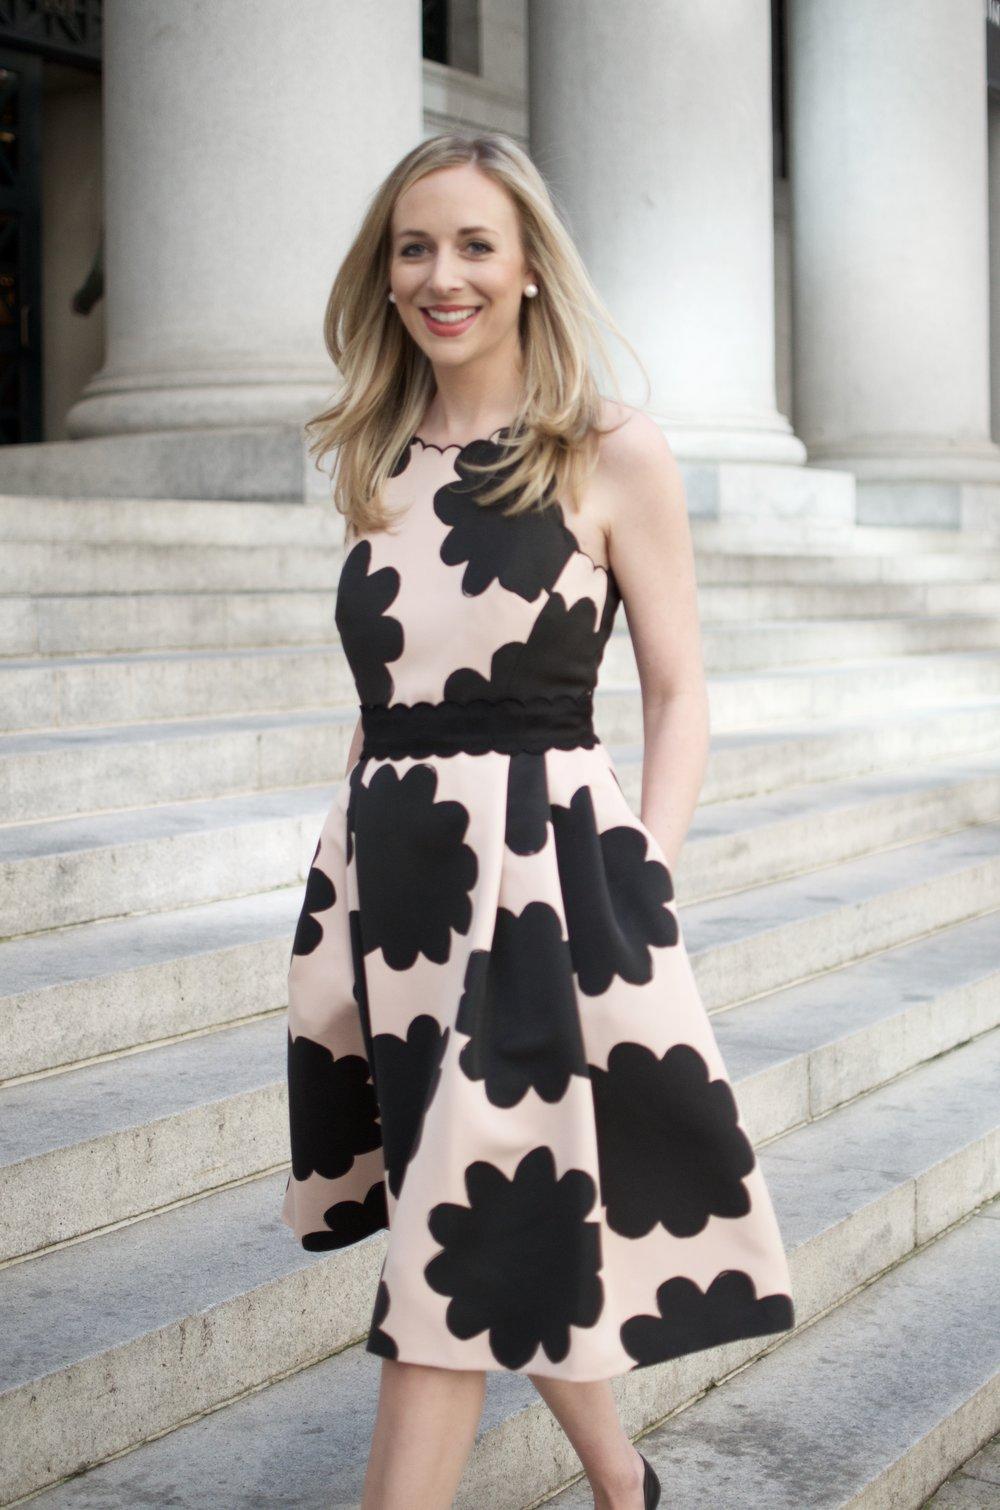 Kate Spade Petal Dress c/o of Kate Spade